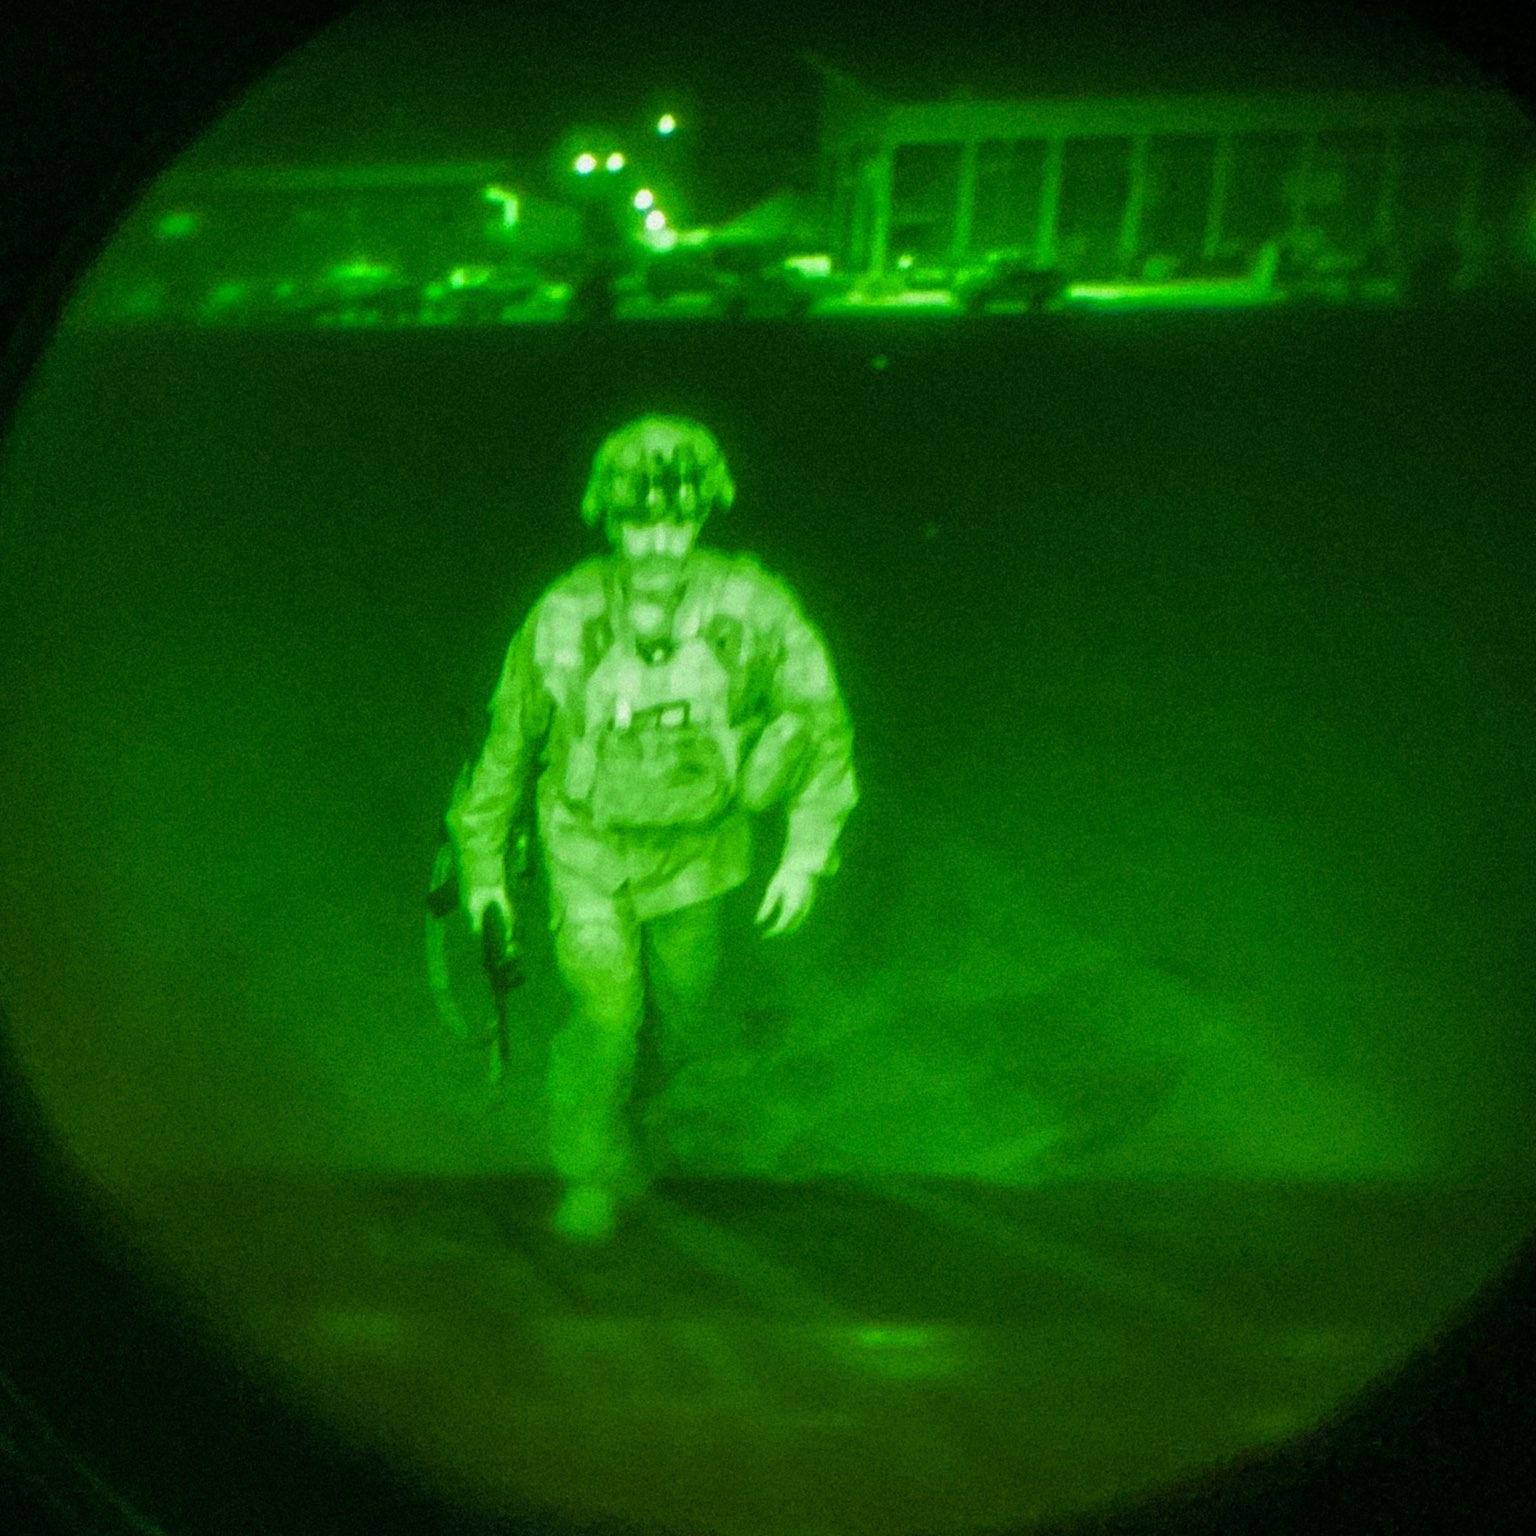 Генерал-майор Крис Донахью, командующий 82-й воздушно-десантной дивизией, XVIII воздушно-десантным корпусом и Форт-Брэггом, садится на борт C-17 ВВС США 30 августа 2021 года, завершая миссию США в Кабуле